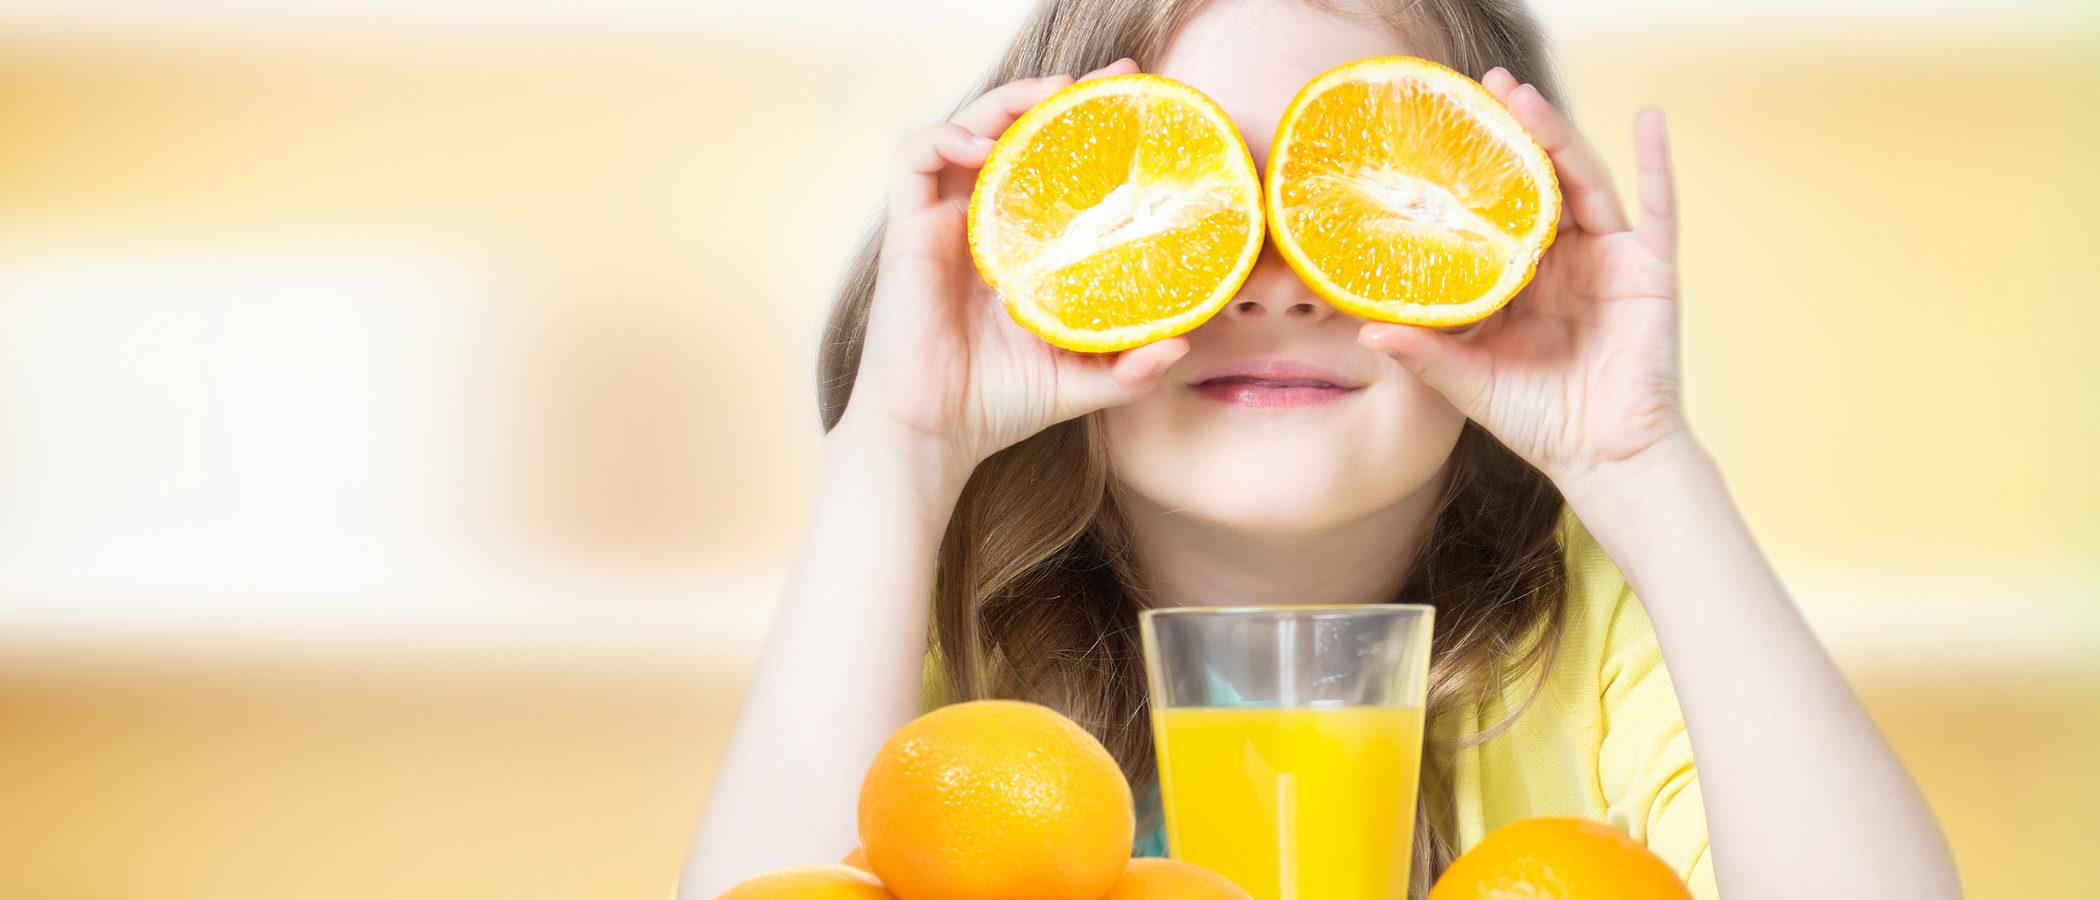 El zumo de naranja en niños, ¿puedo quitar la pulpa?